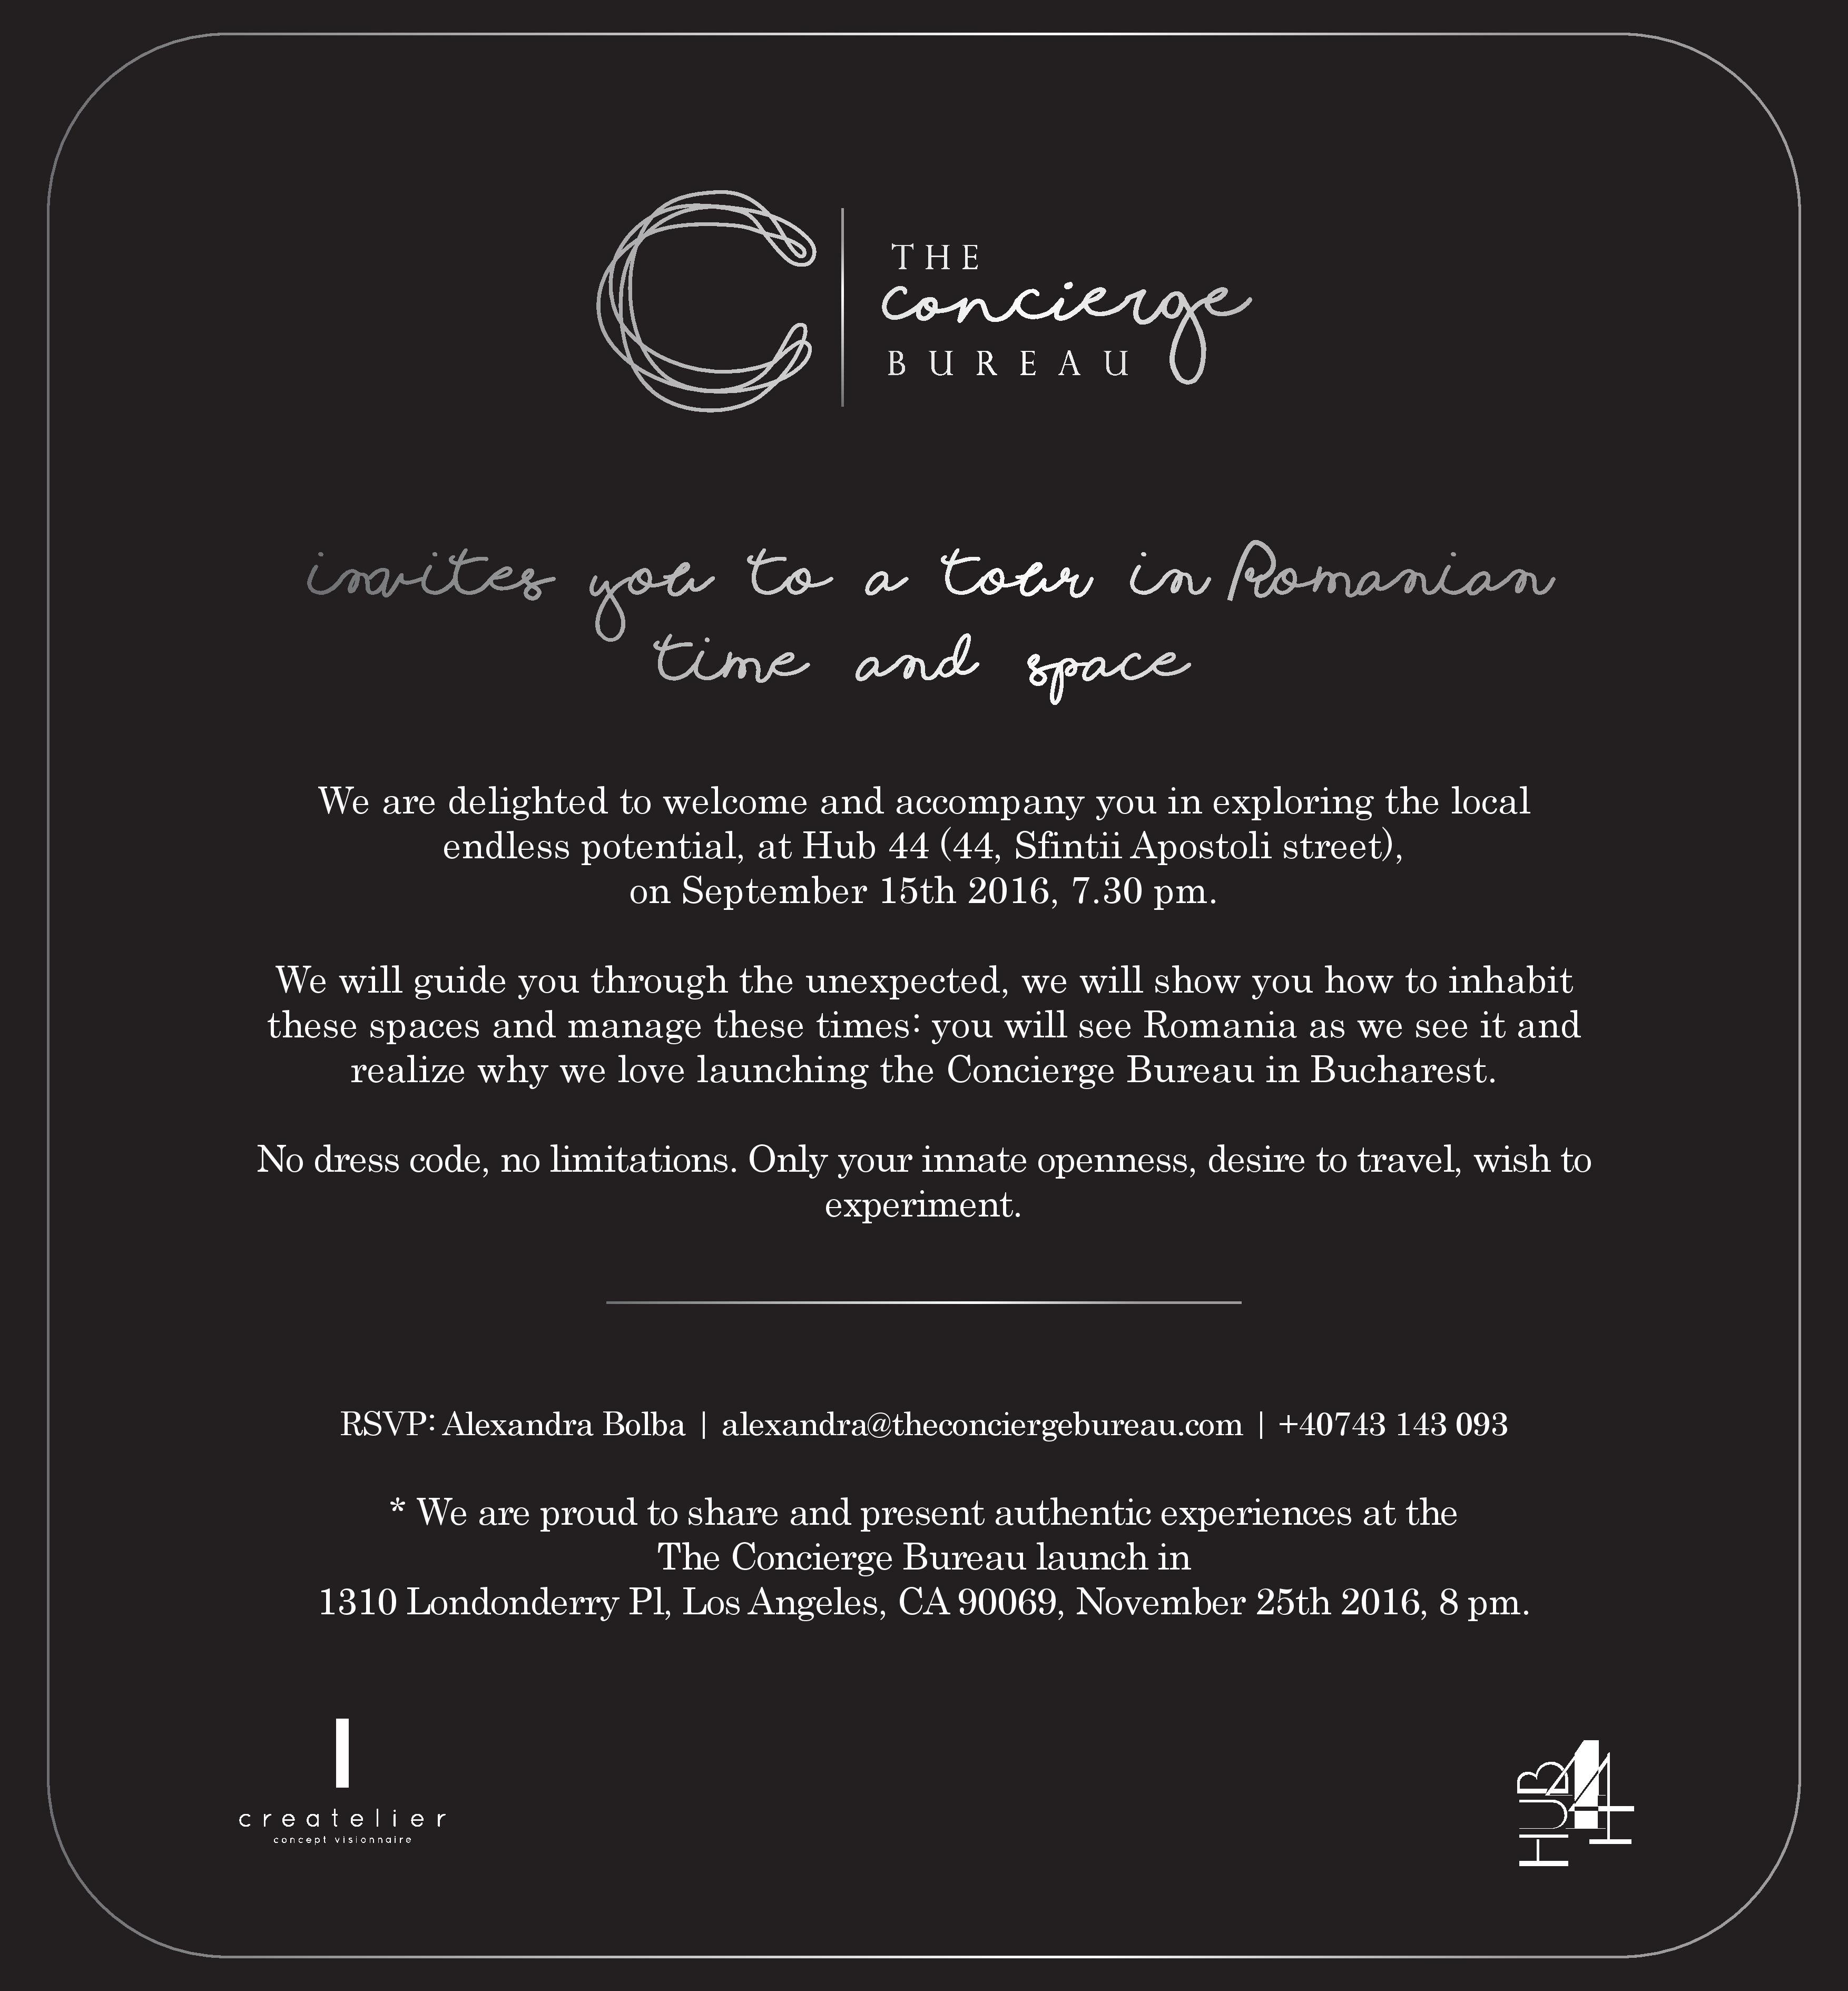 Official launch of The Concierge Bureau